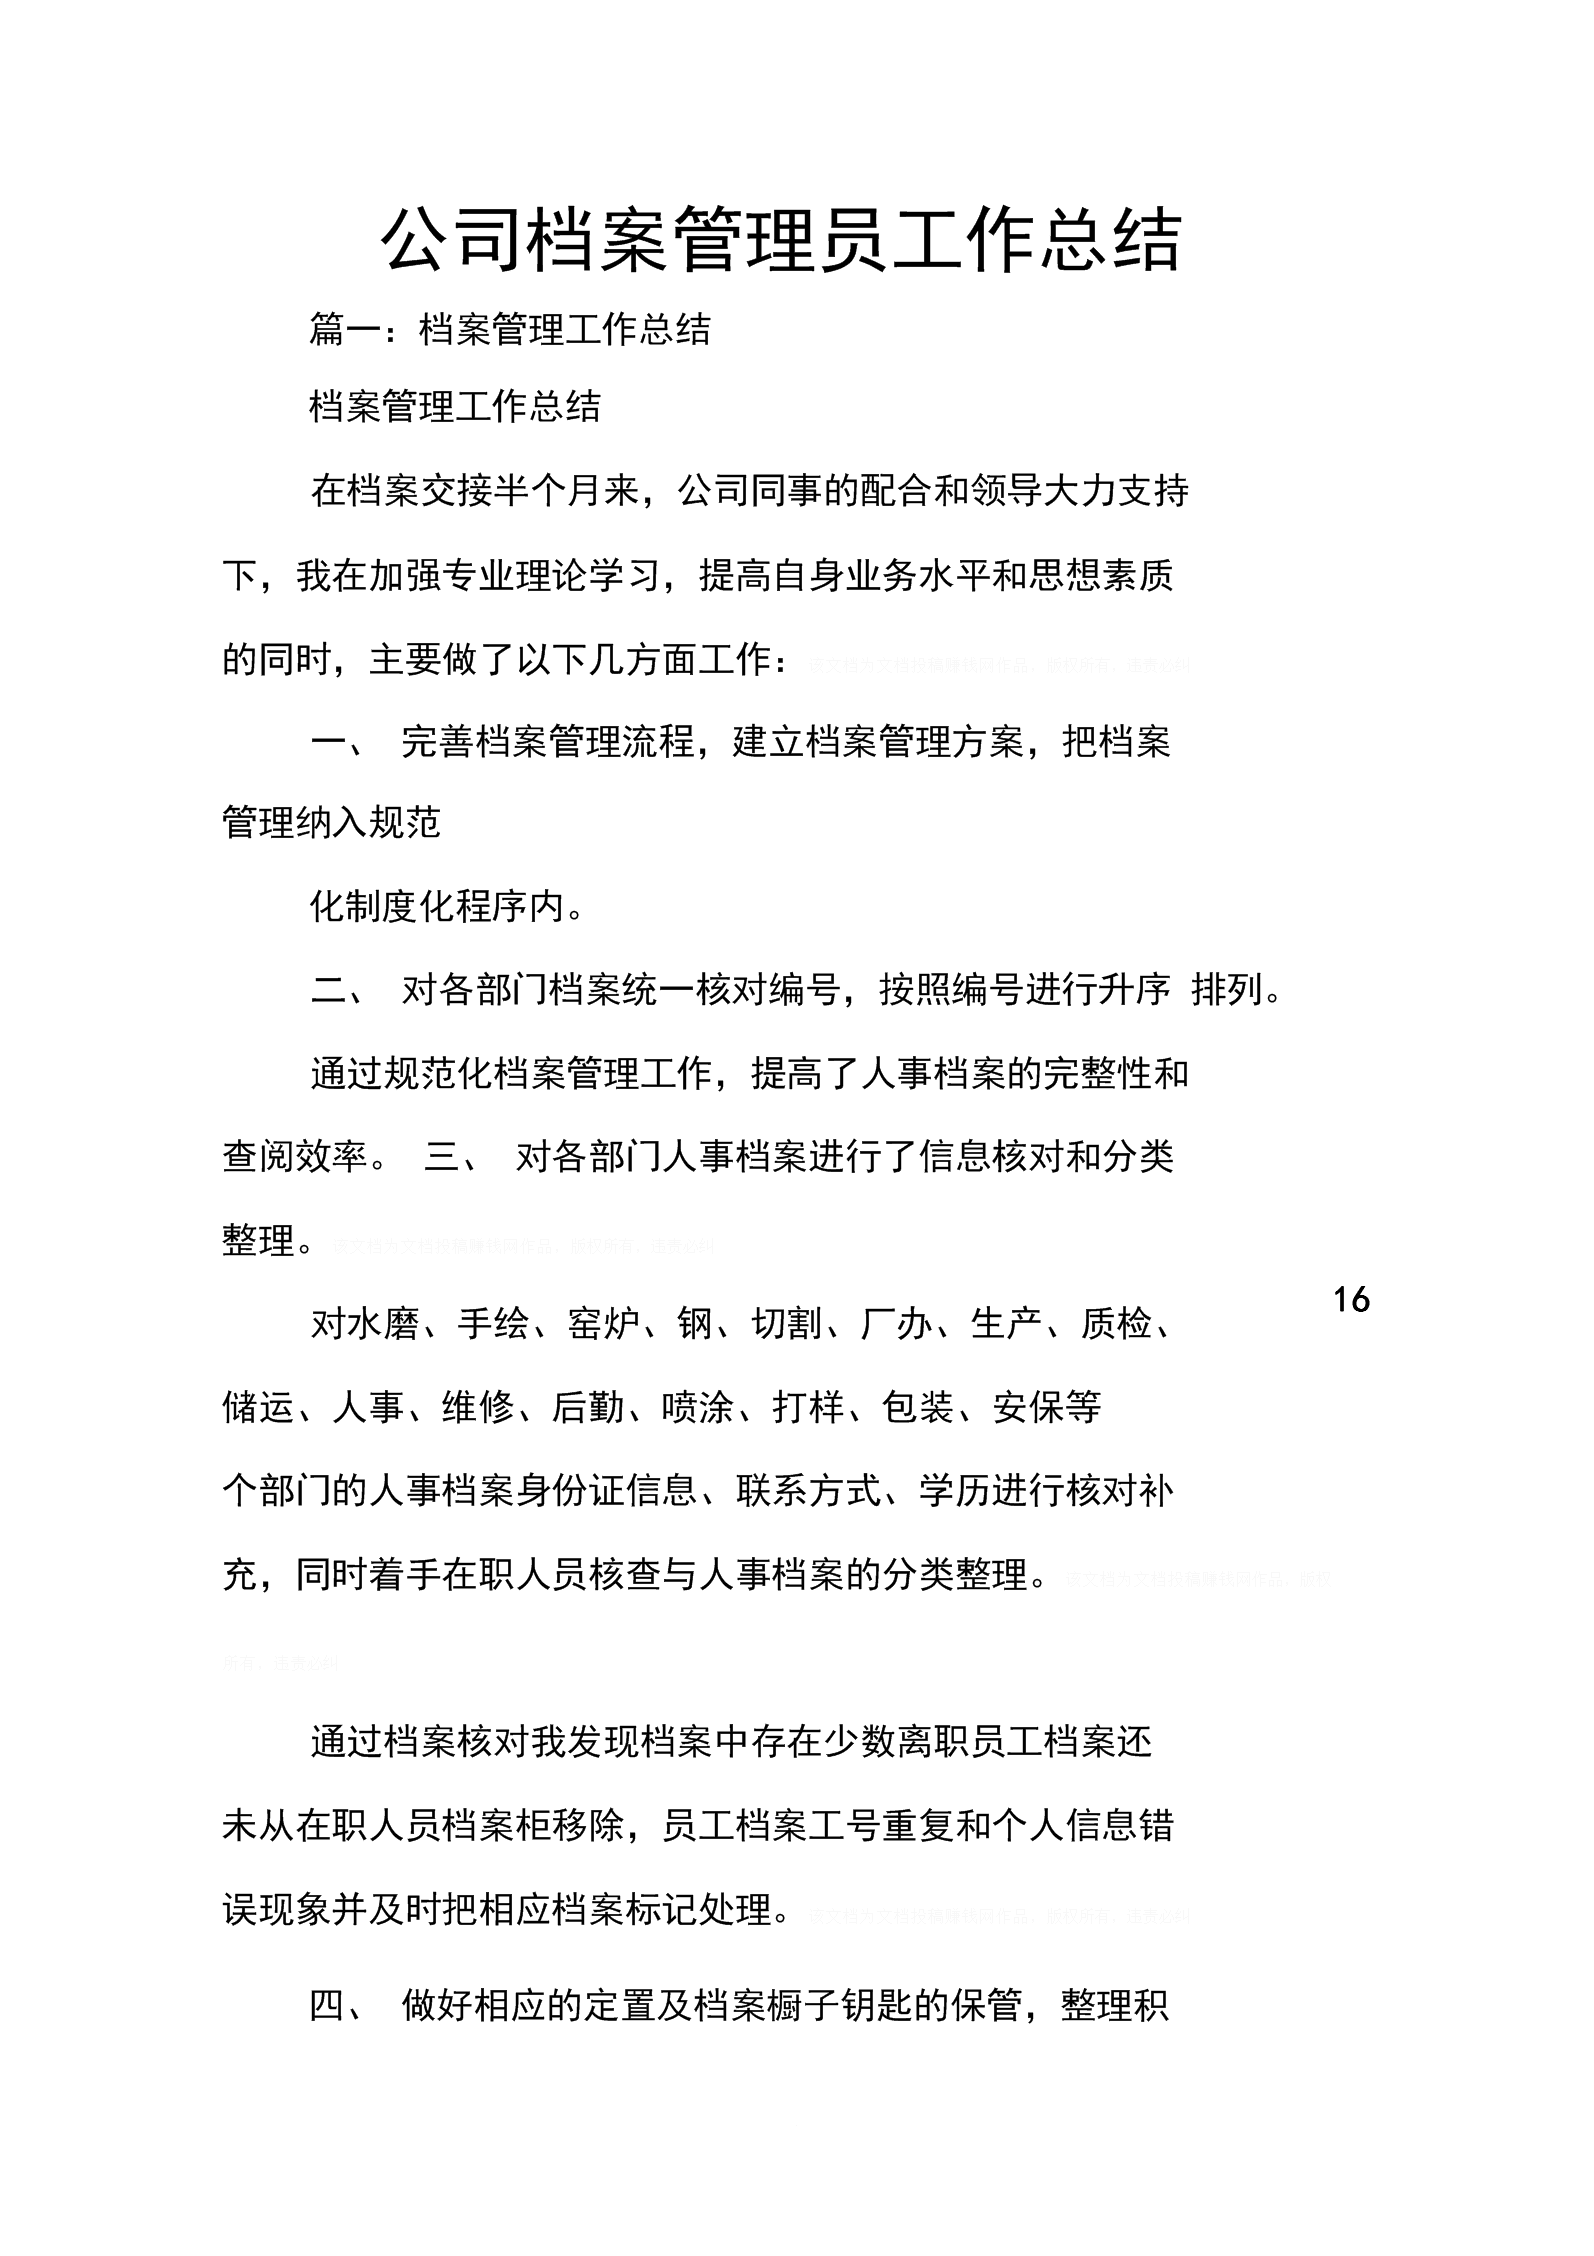 行政职业能力测试的经验总结.doc